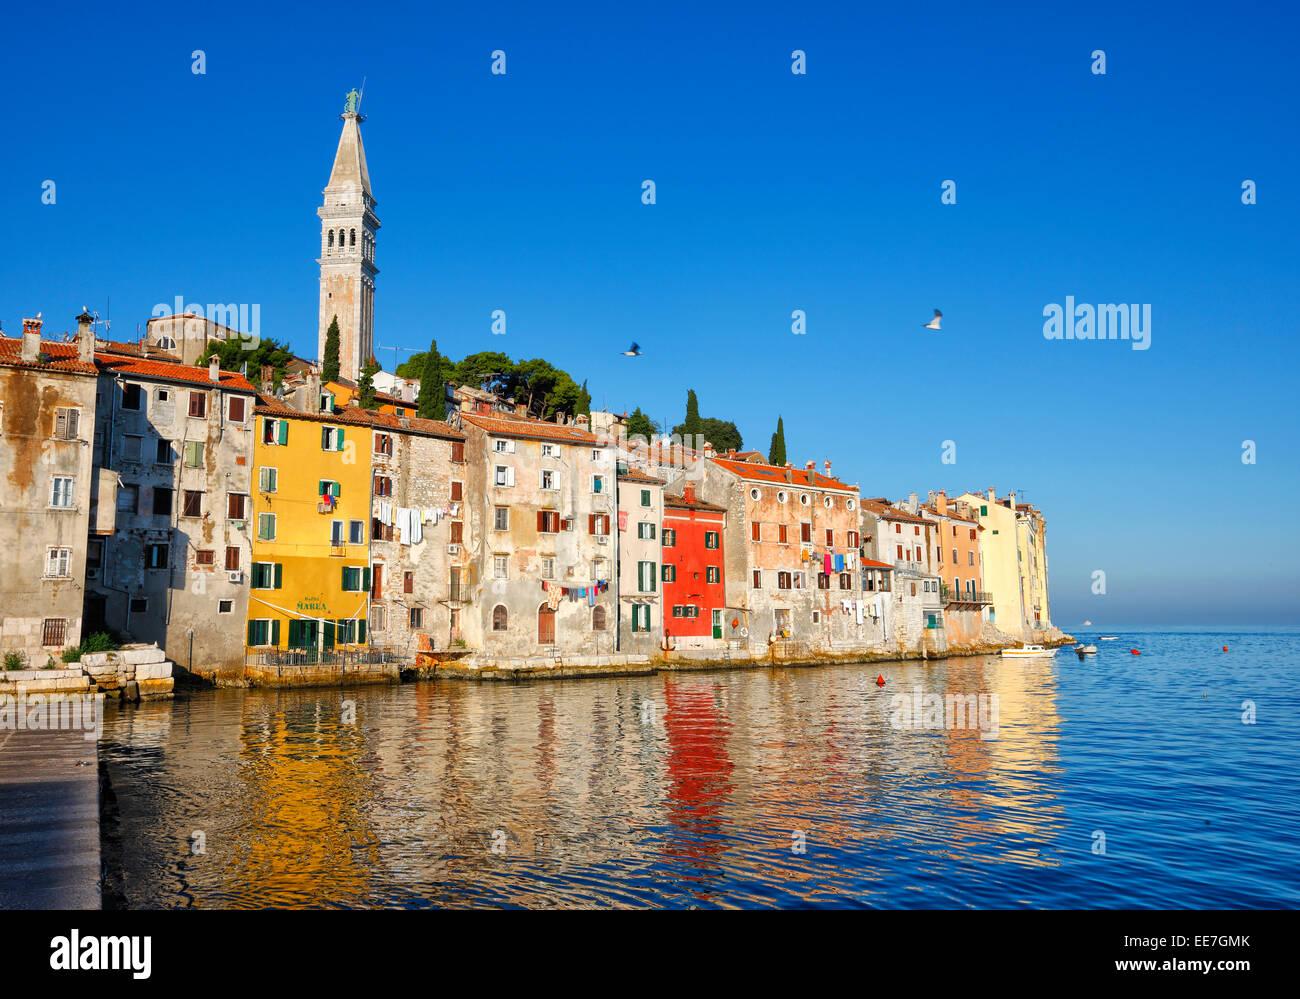 La vieille ville de Rovinj en Istrie, Croatie. Photo Stock